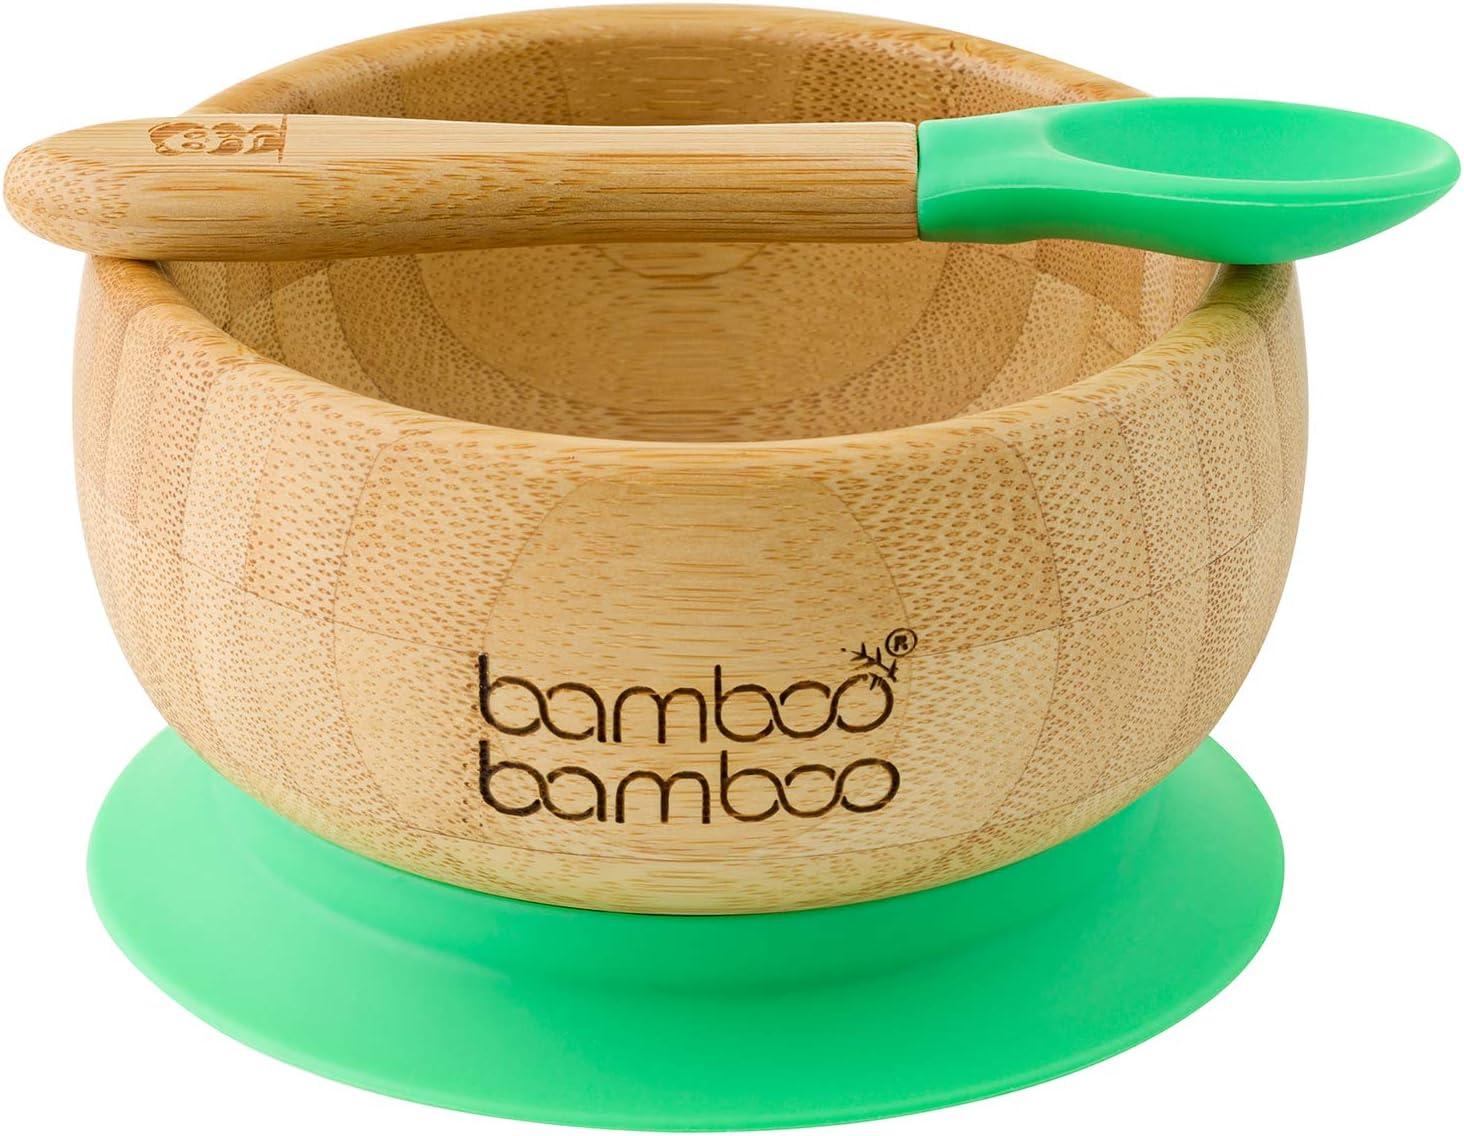 Set de Bowl adherente y cuchara para bebé en combinación, Bowl que no se despega de la mesa al comer, Bambú natural (Verde)